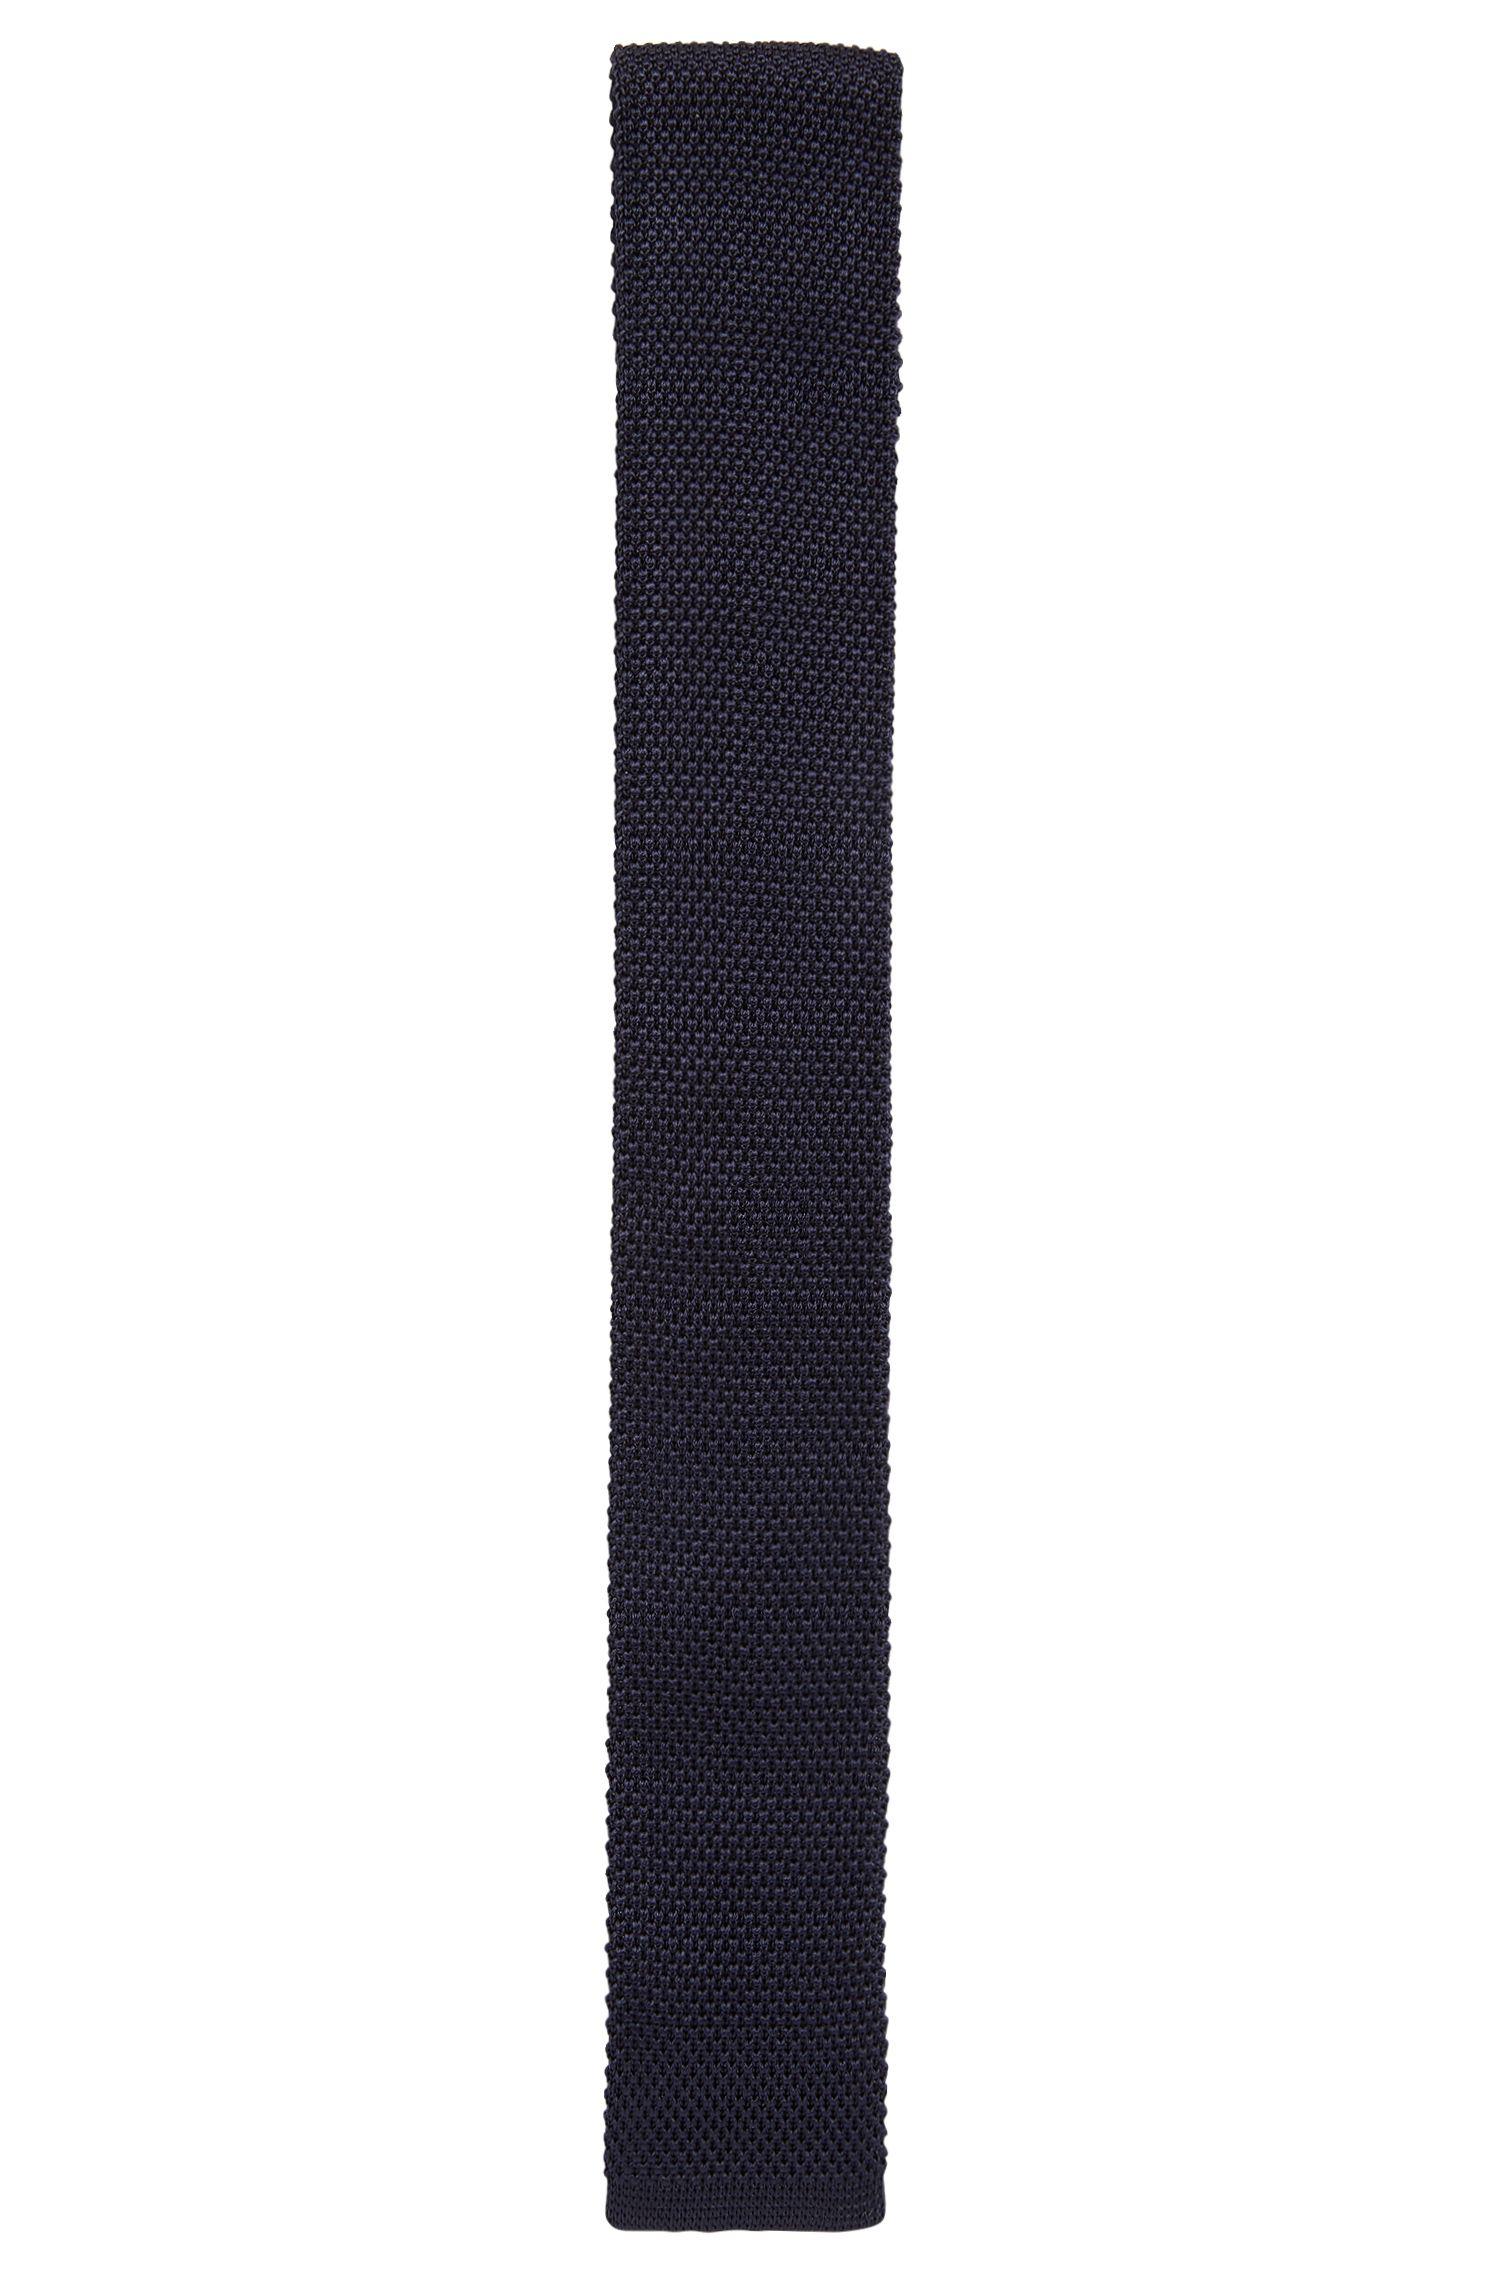 Cravate droite en maille de soie, confectionnée en Italie